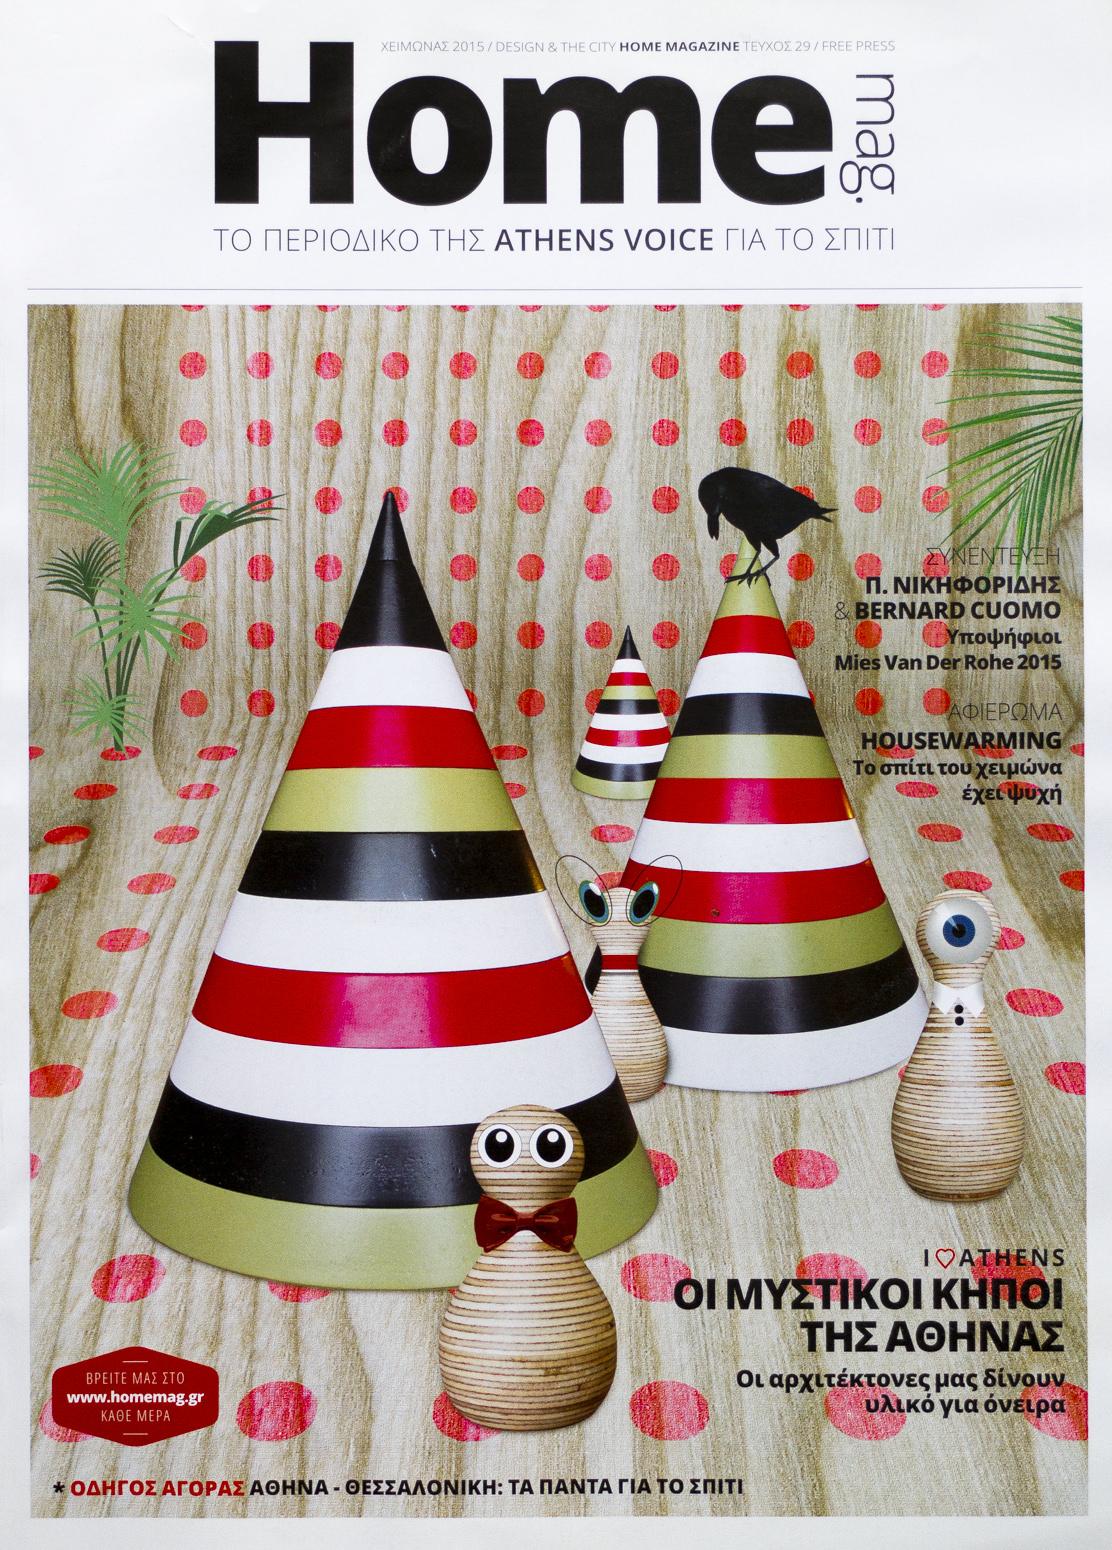 Home Magazine, Γιώργος Φάκαρος - Αρχιτεκτονική Φωτογραφία | Εσωτερικοί Χώροι | Φωτογραφία Ξενοδοχειών - Photography / Φωτογραφία